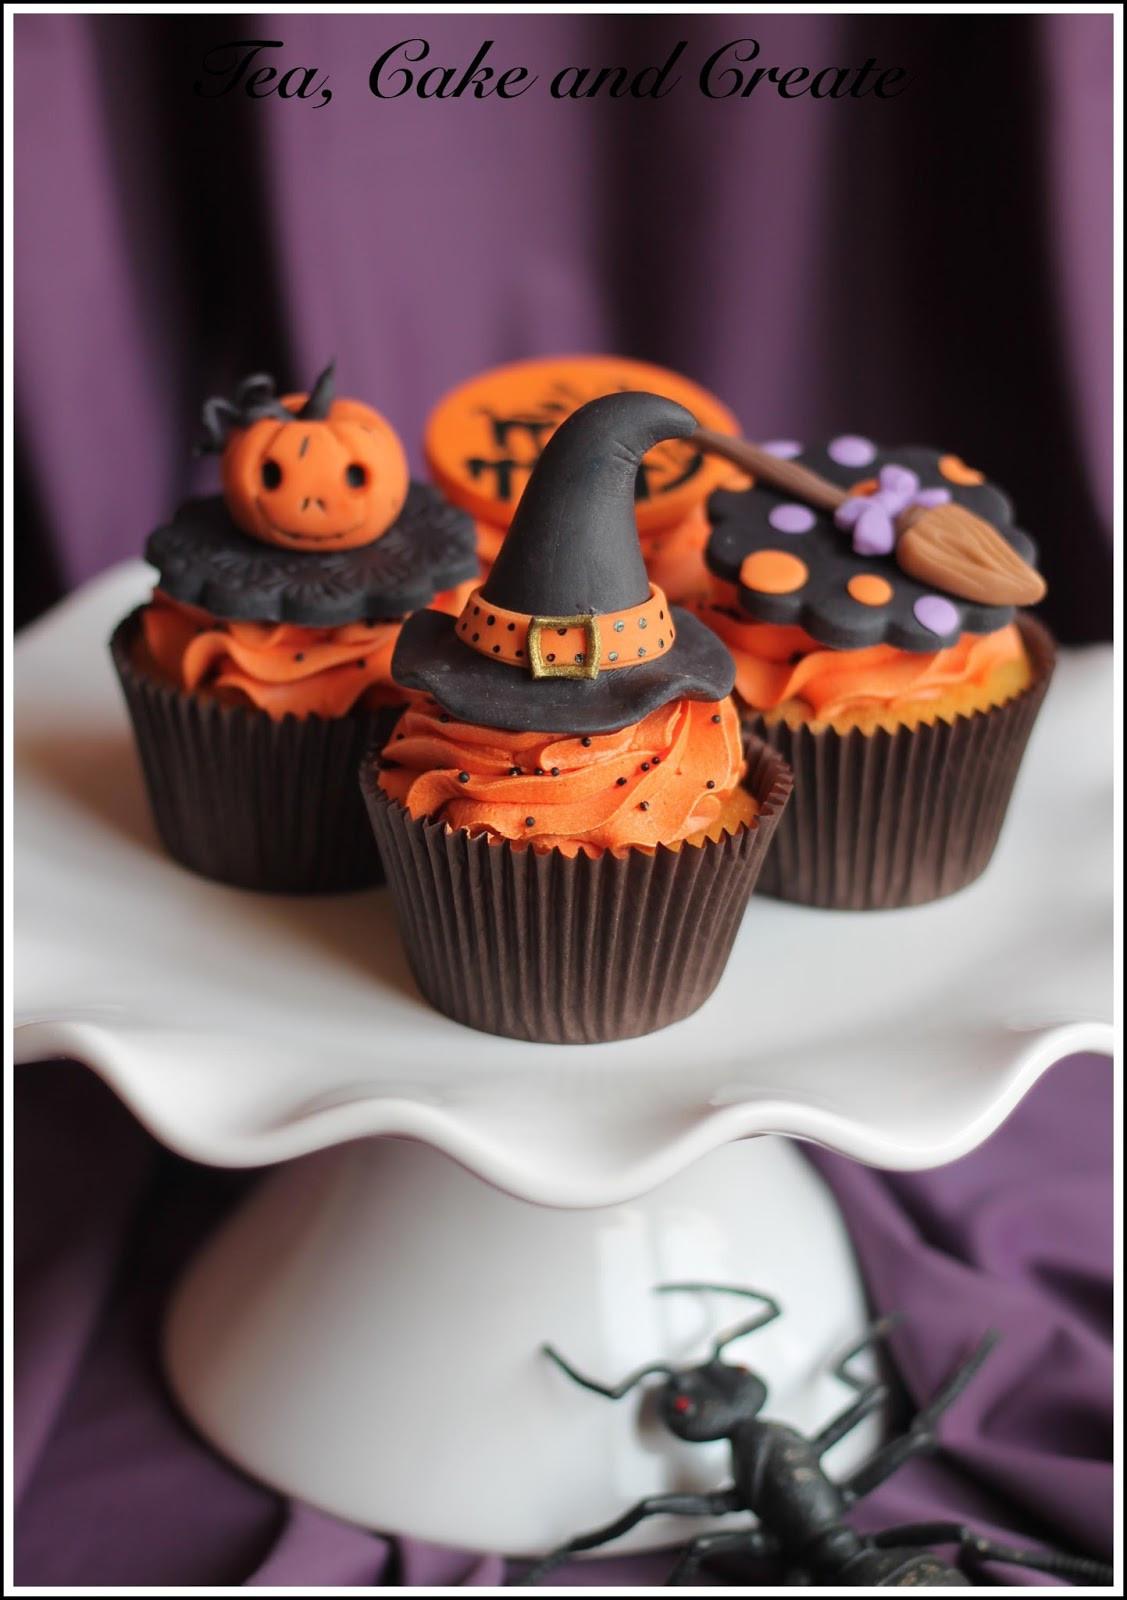 Halloween Cookies And Cupcakes  Tea Cake & Create Halloween Cookies and Cupcakes